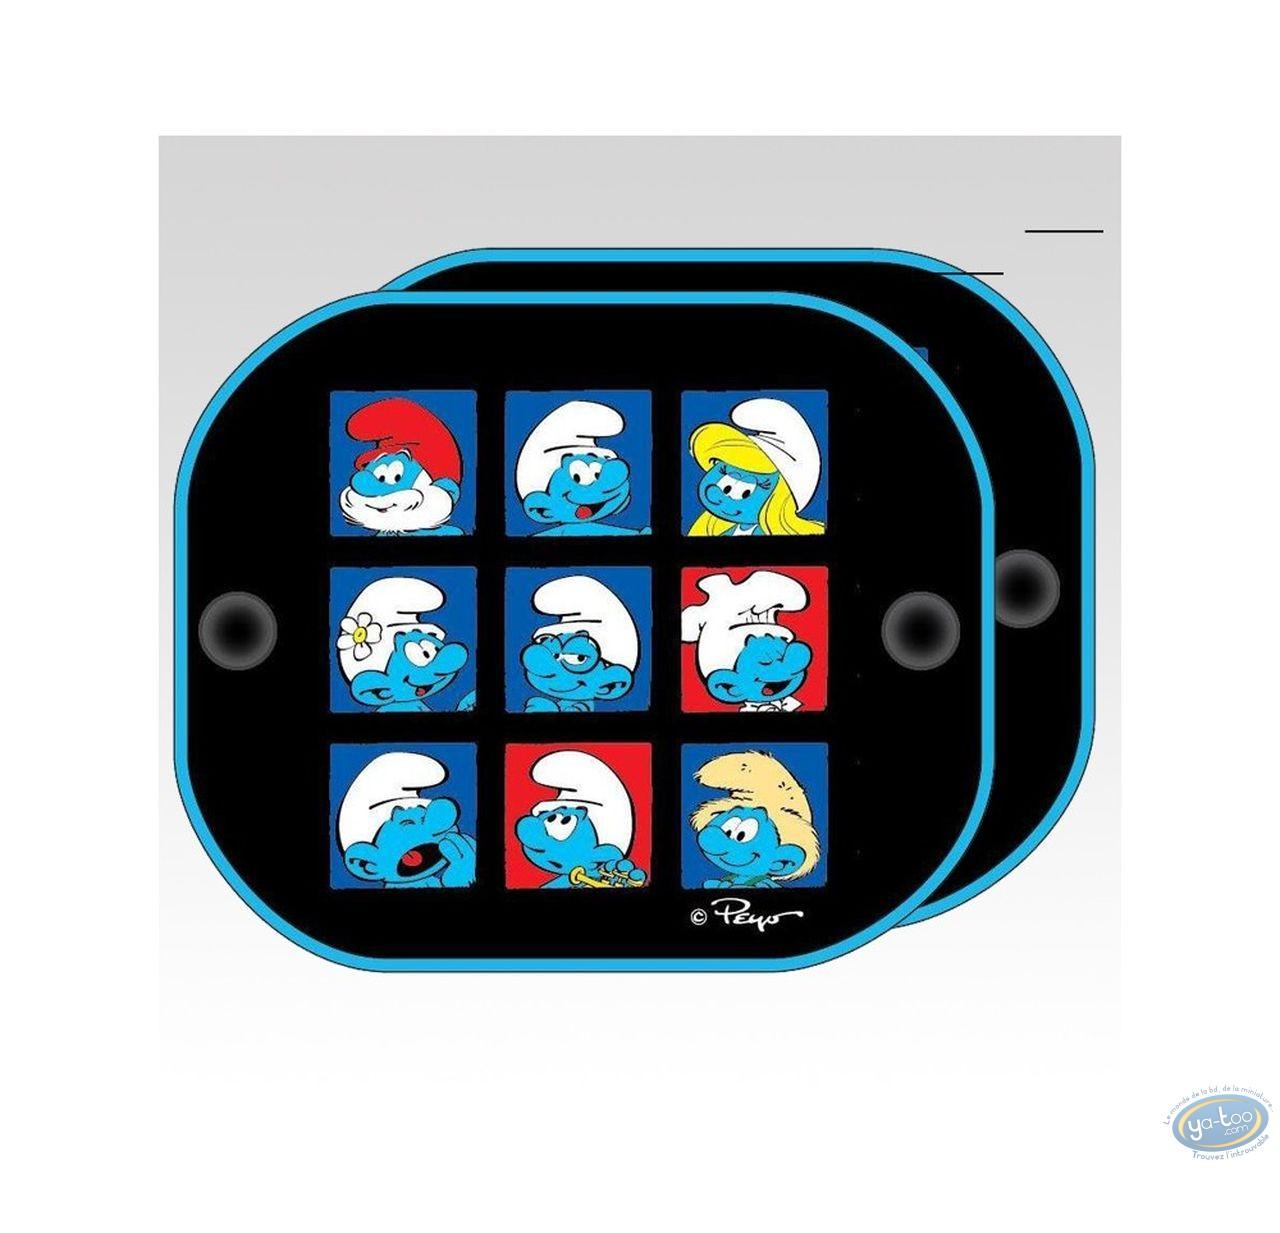 Auto accessory, Smurfs (The) : 2 sides sun visor, The Smurfs